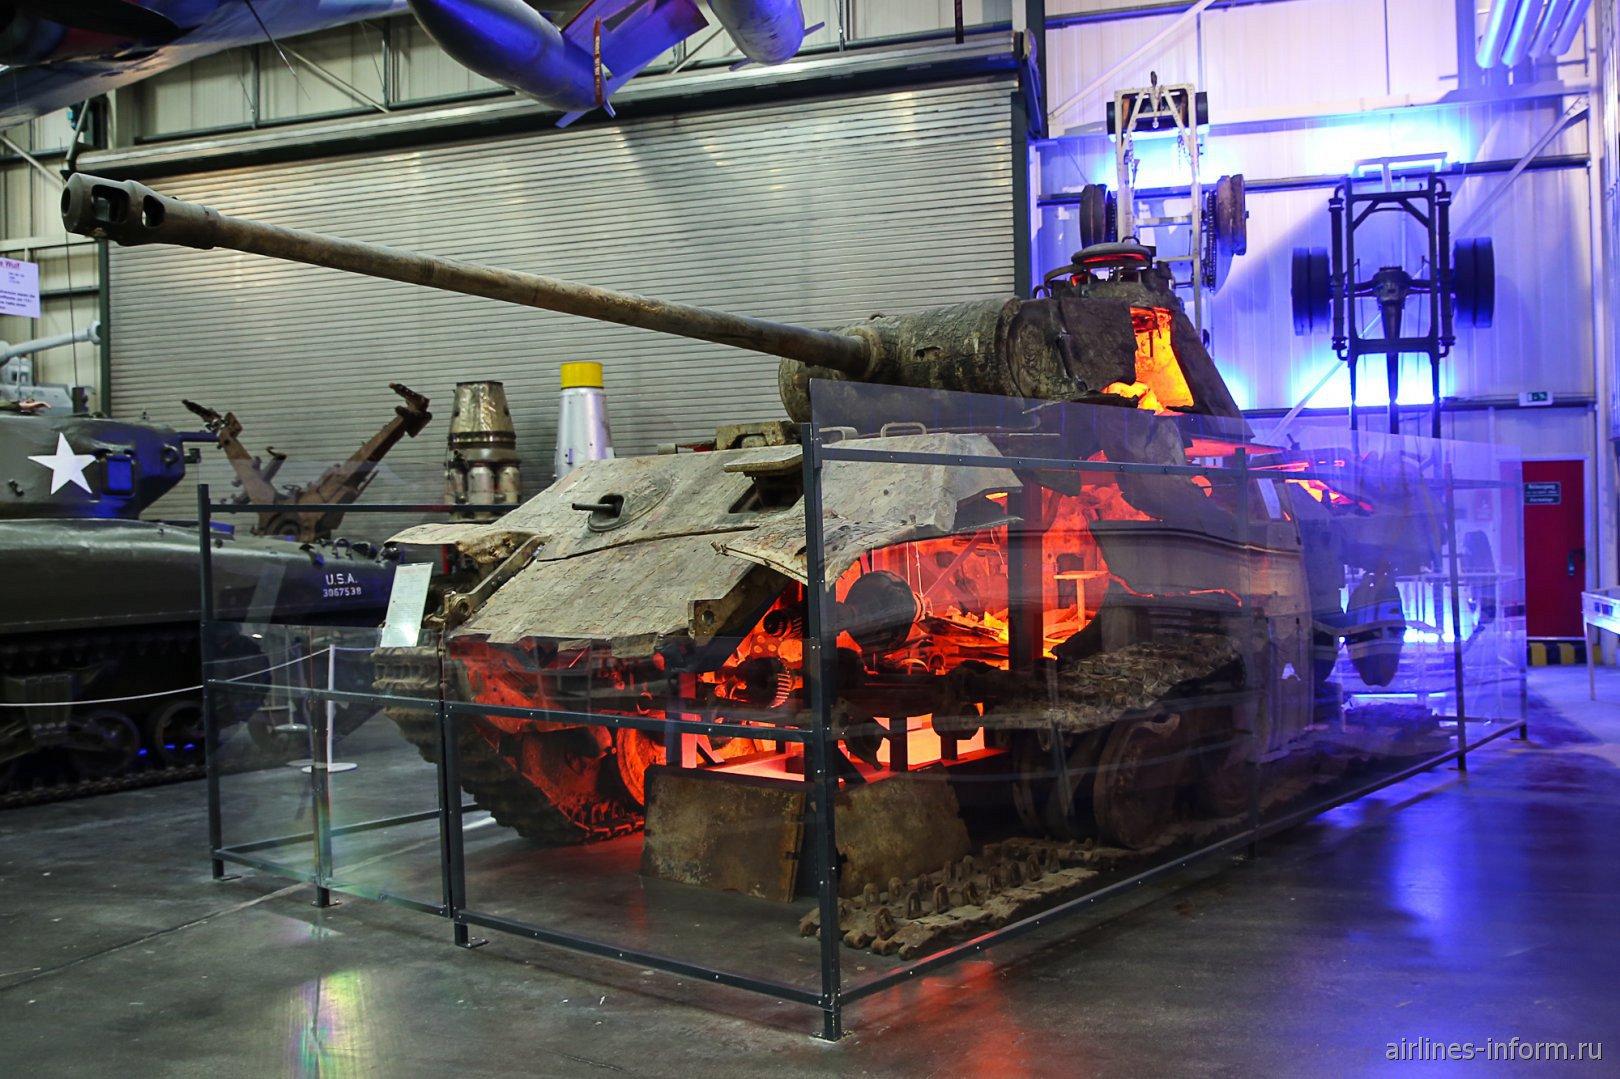 Останки танка Пантера в музее техники в Зинсхайме